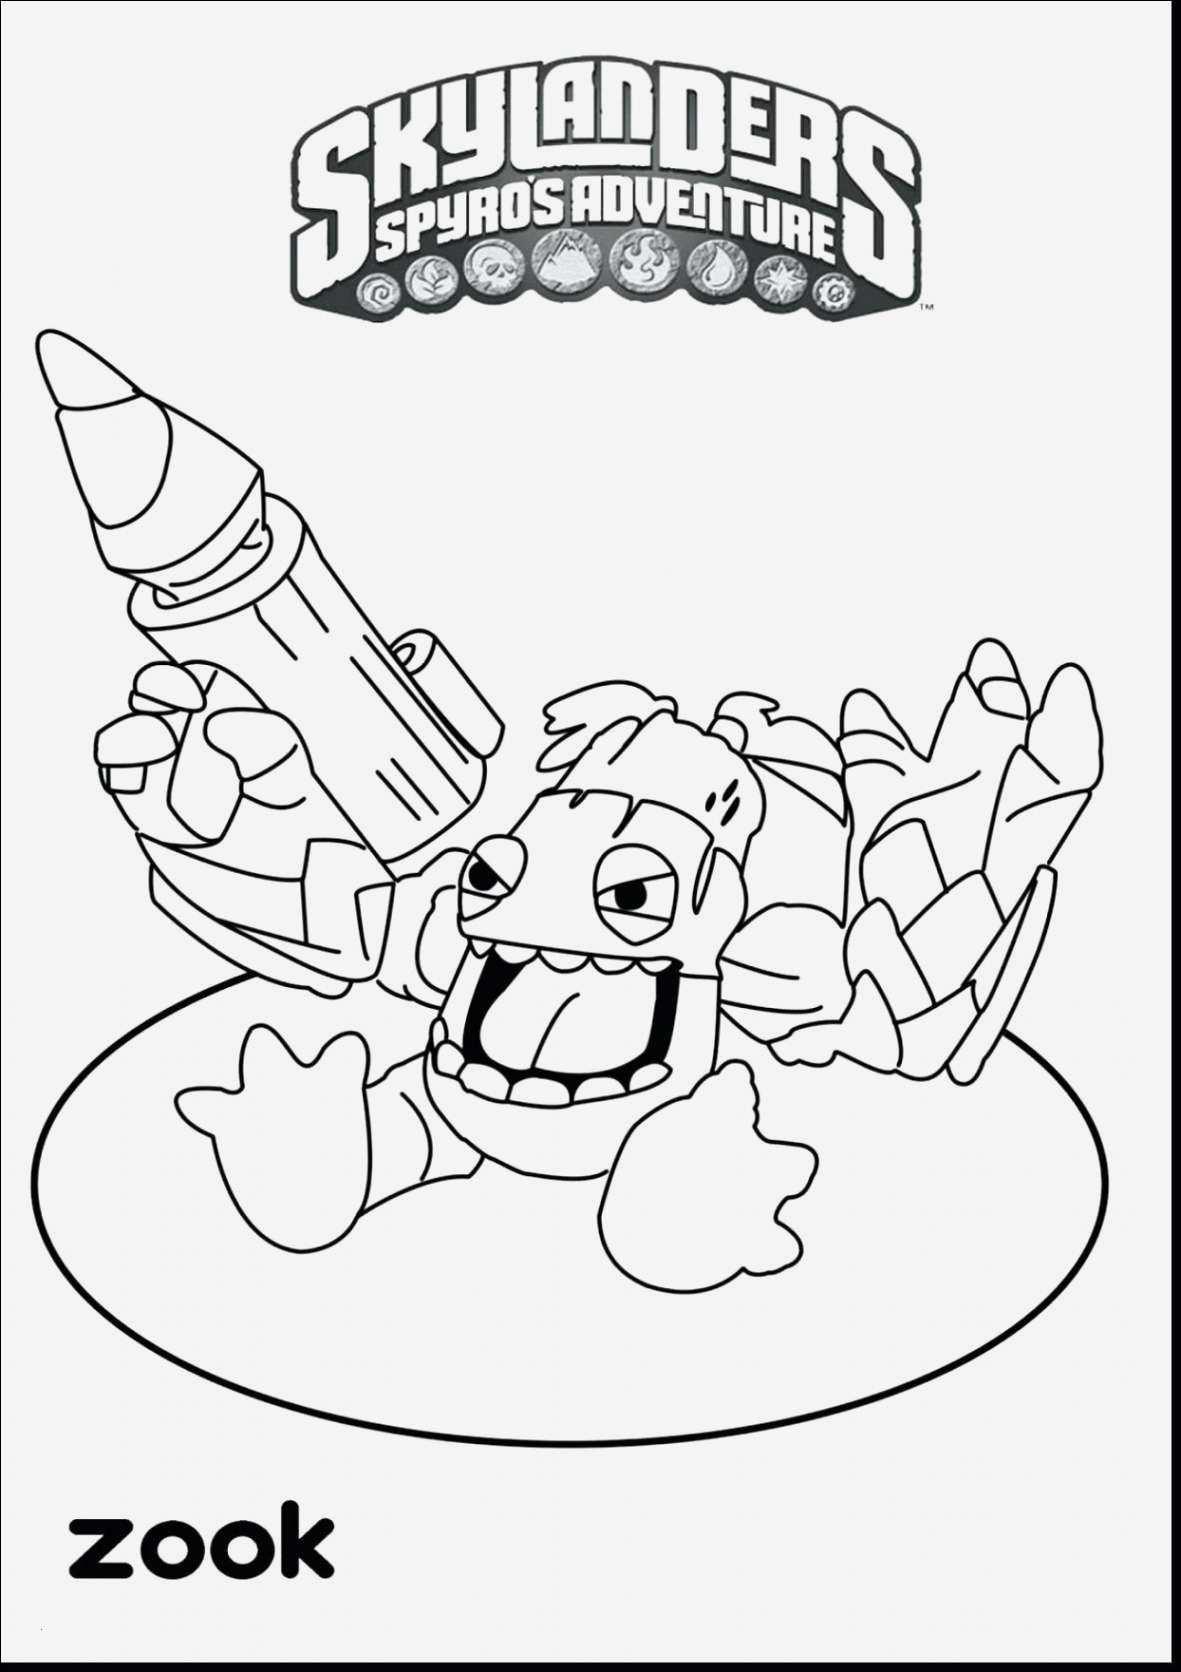 Monster High Bilder Zum Drucken Inspirierend Bilder Zum Ausdrucken Monster High Vorstellung – Ausmalbilder Ideen Fotos